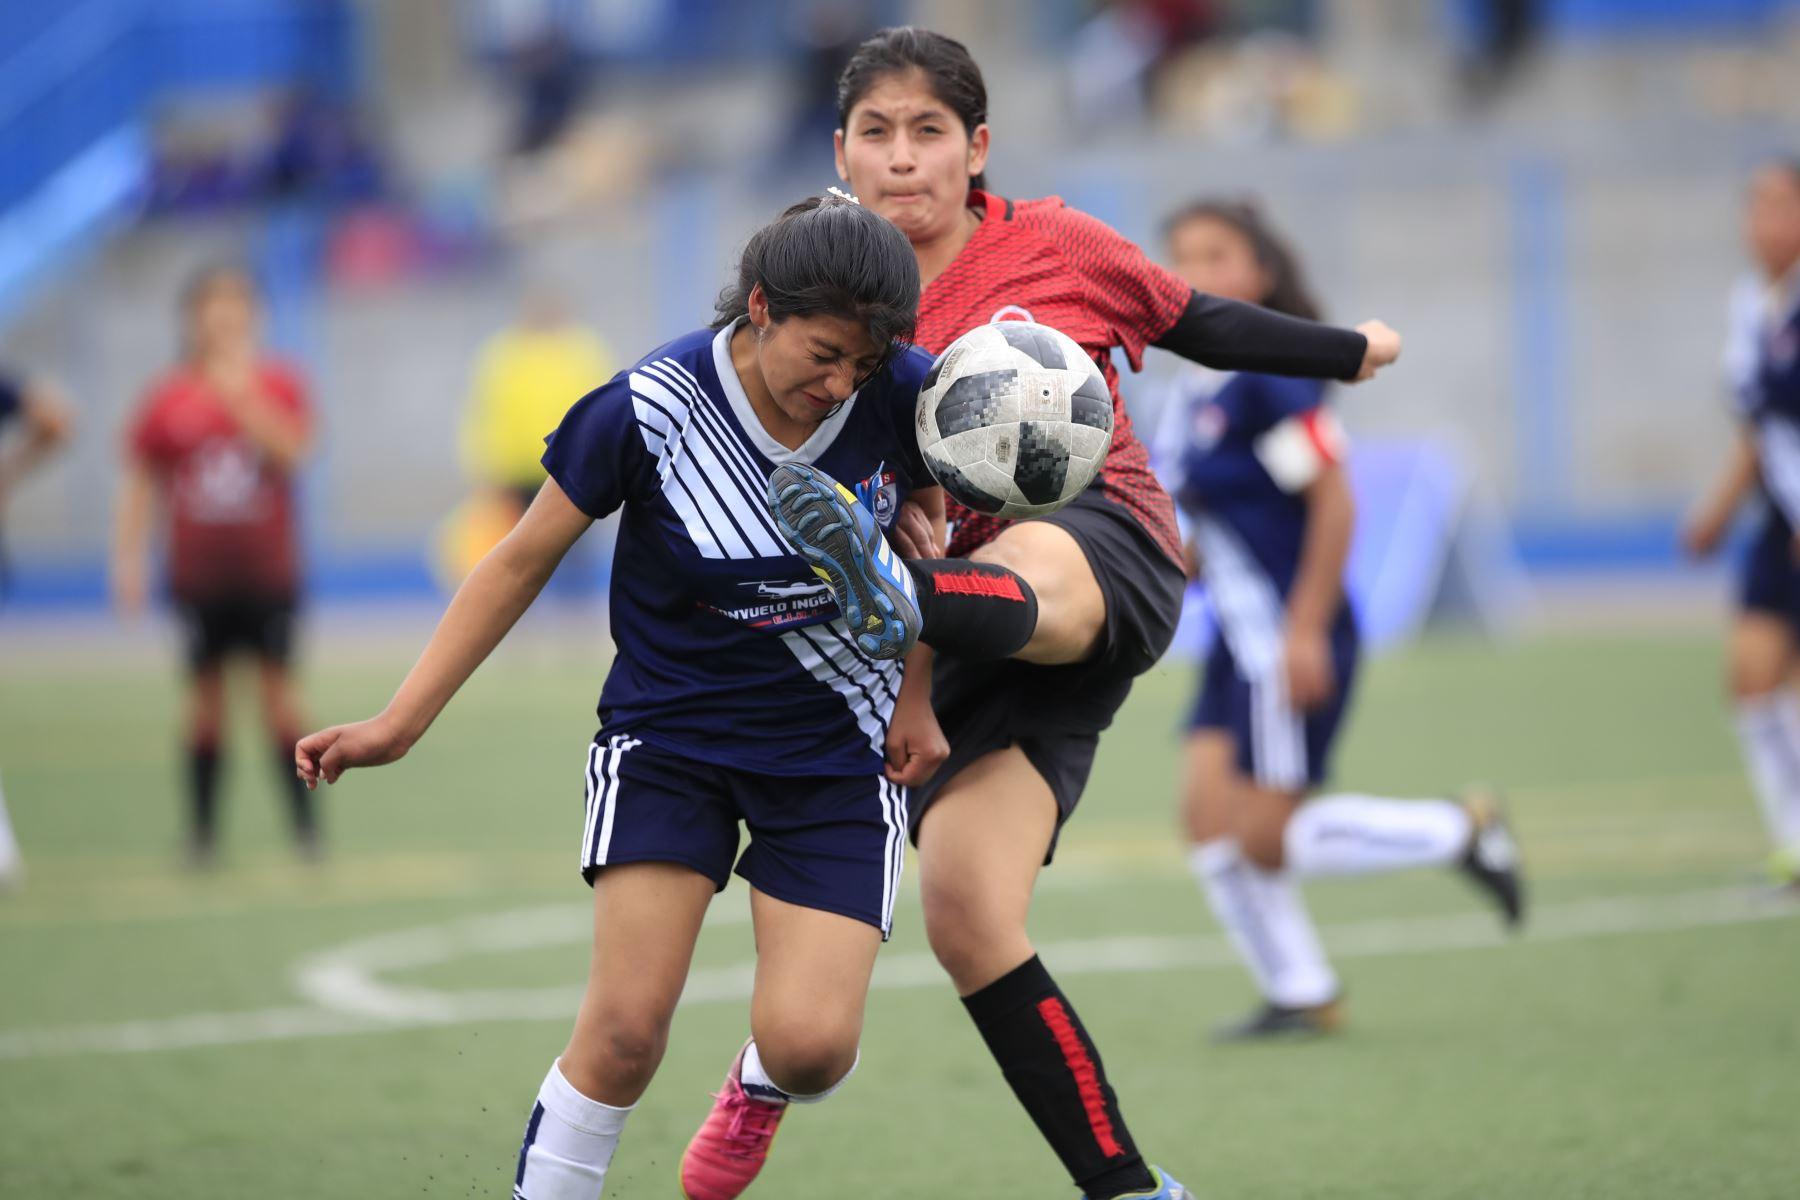 Encuentro de fútbol femenino entre Colegio Leoncio Prado de Apurímac (azul) contra el Colegio Huaral (rojo) en el marco de los Juegos Deportivos Escolares Nacionales en el Colegio Bartolomé Herrera.  Foto: Andina/Juan Carlos Guzman Negrini